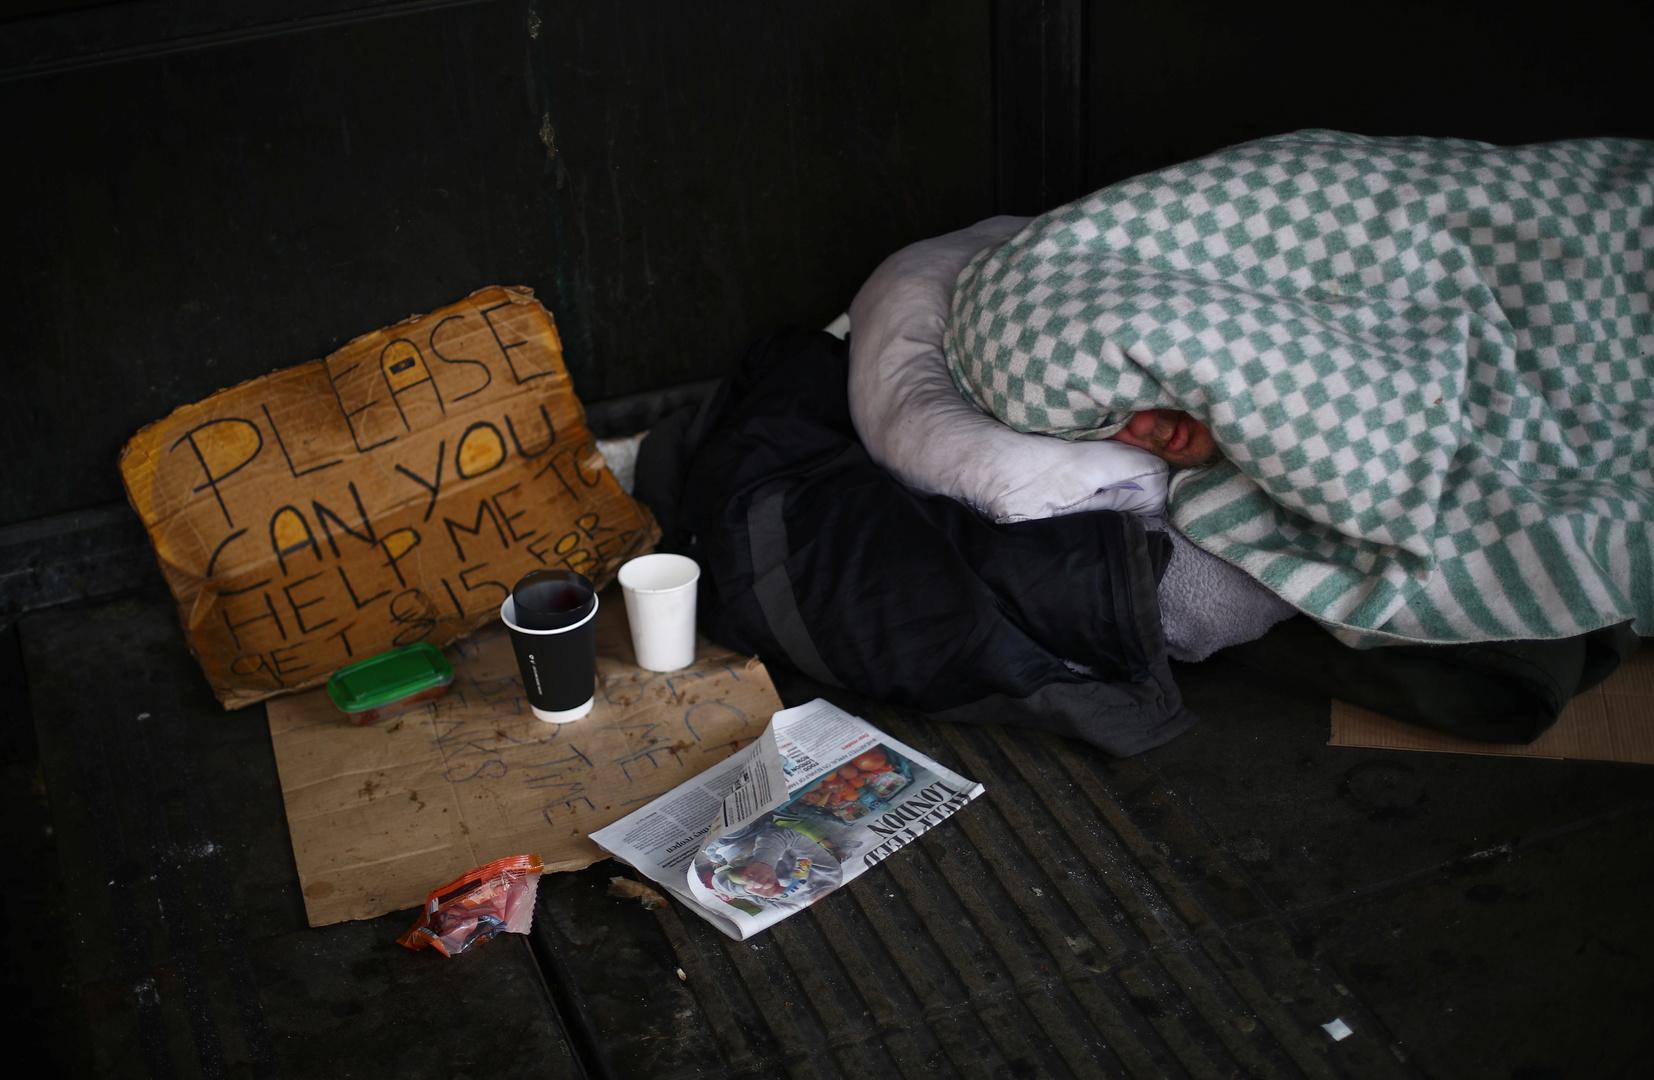 مشرد نائم في أحد شوارع لندن